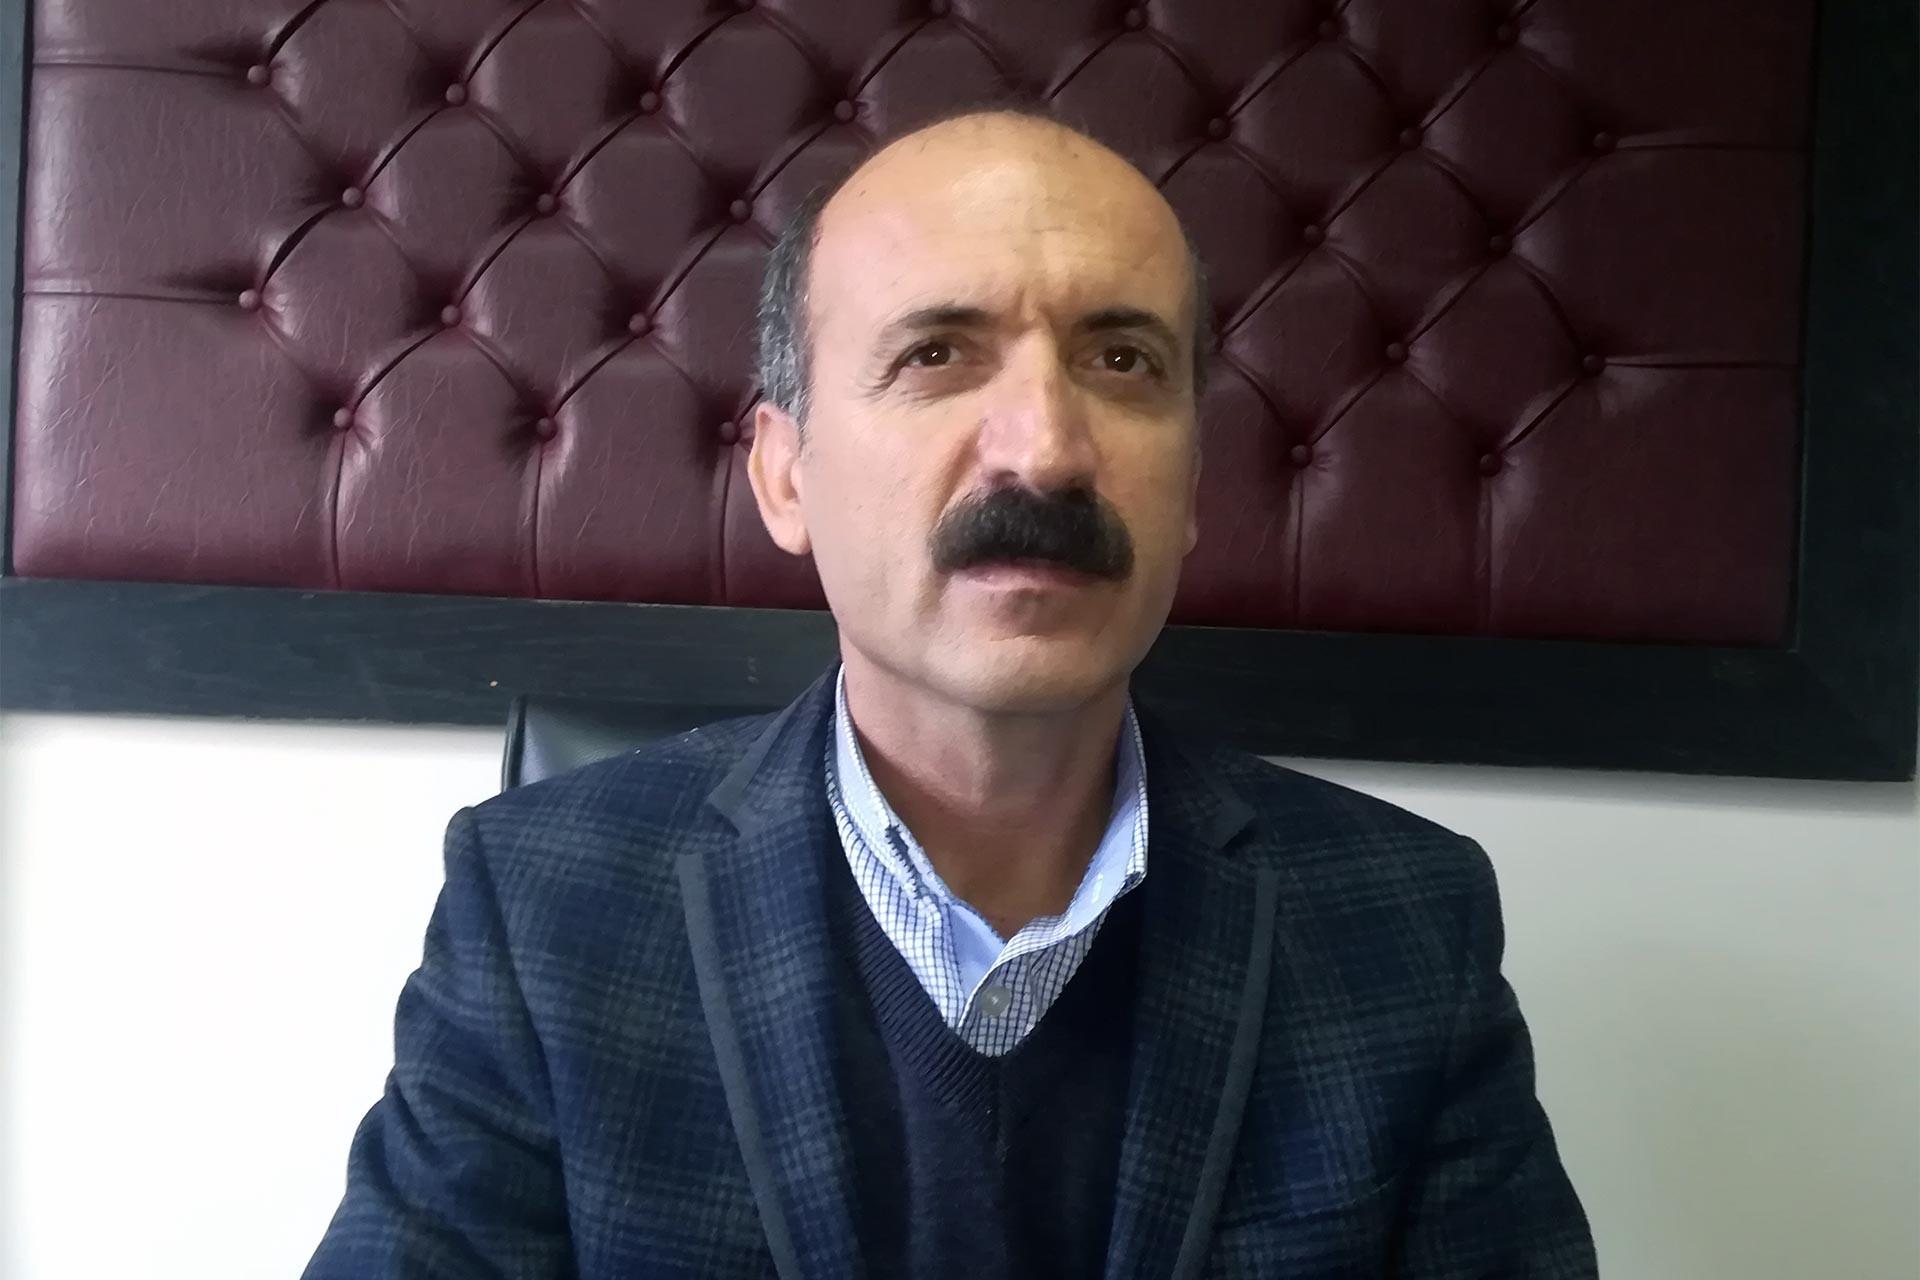 Mustafa Taşkale